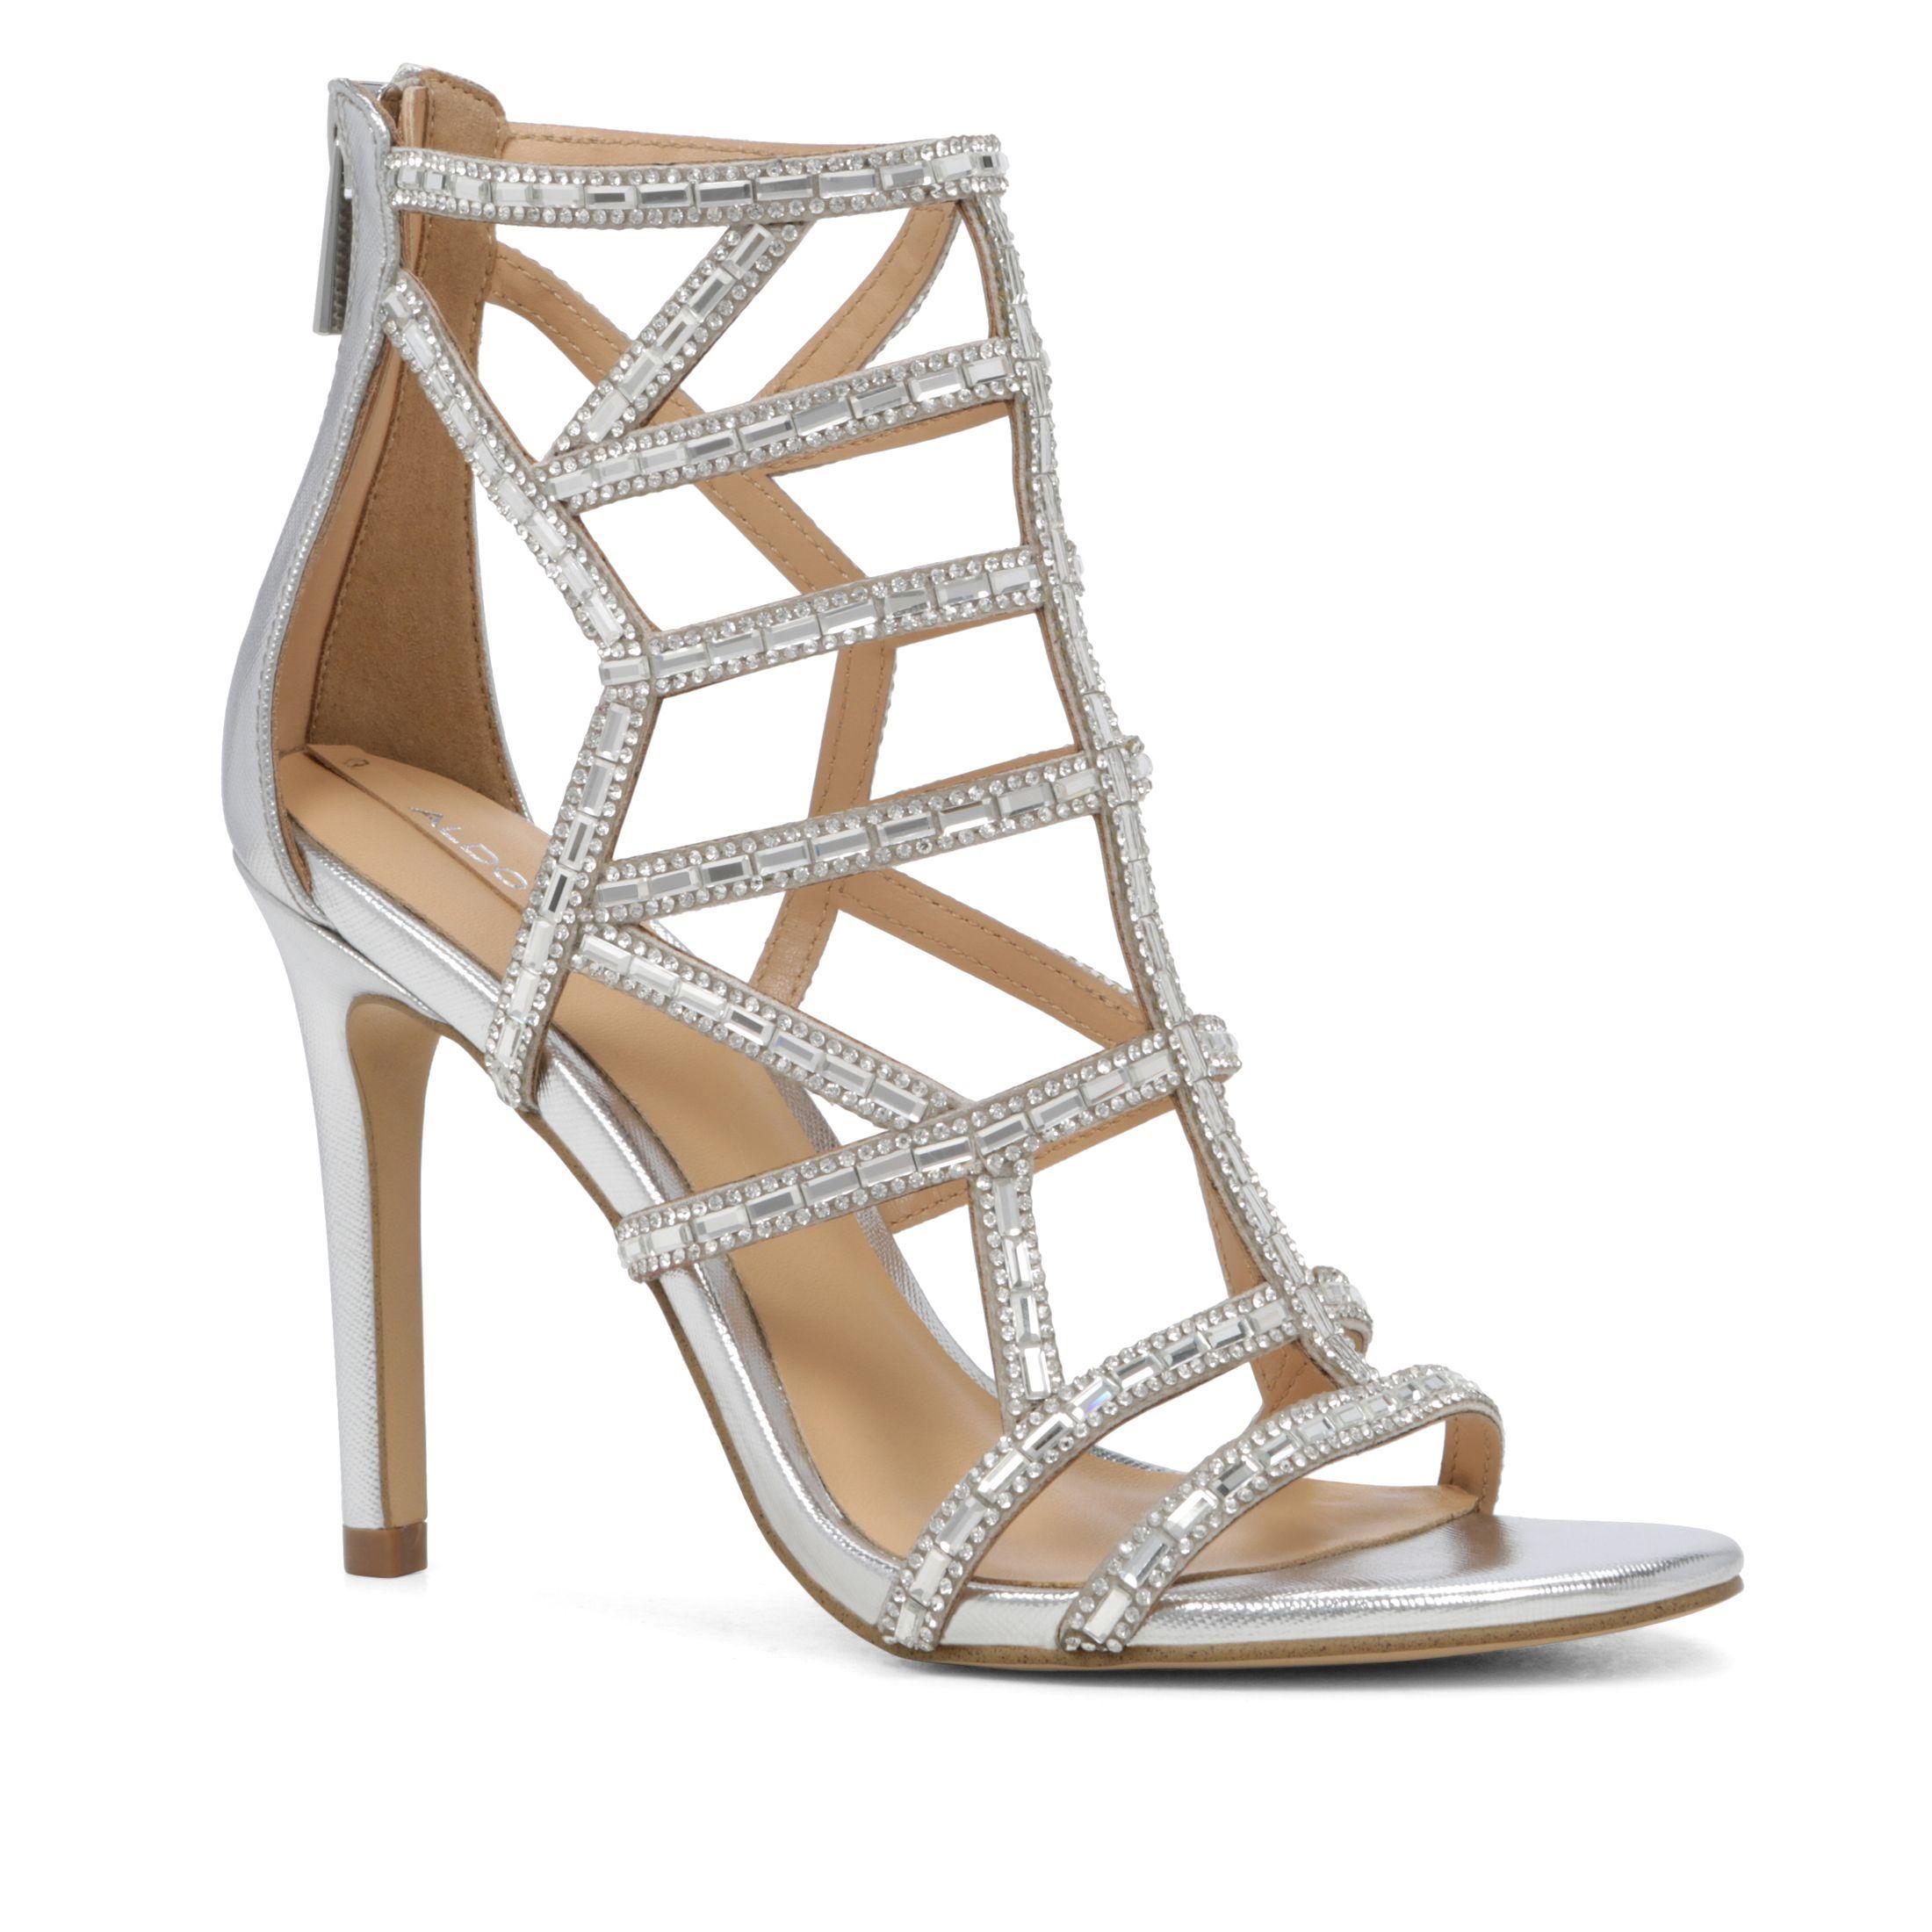 45c1f745a8 Aldo Norta cage stiletto heel sandals, Silver   Shoes   Stiletto ...